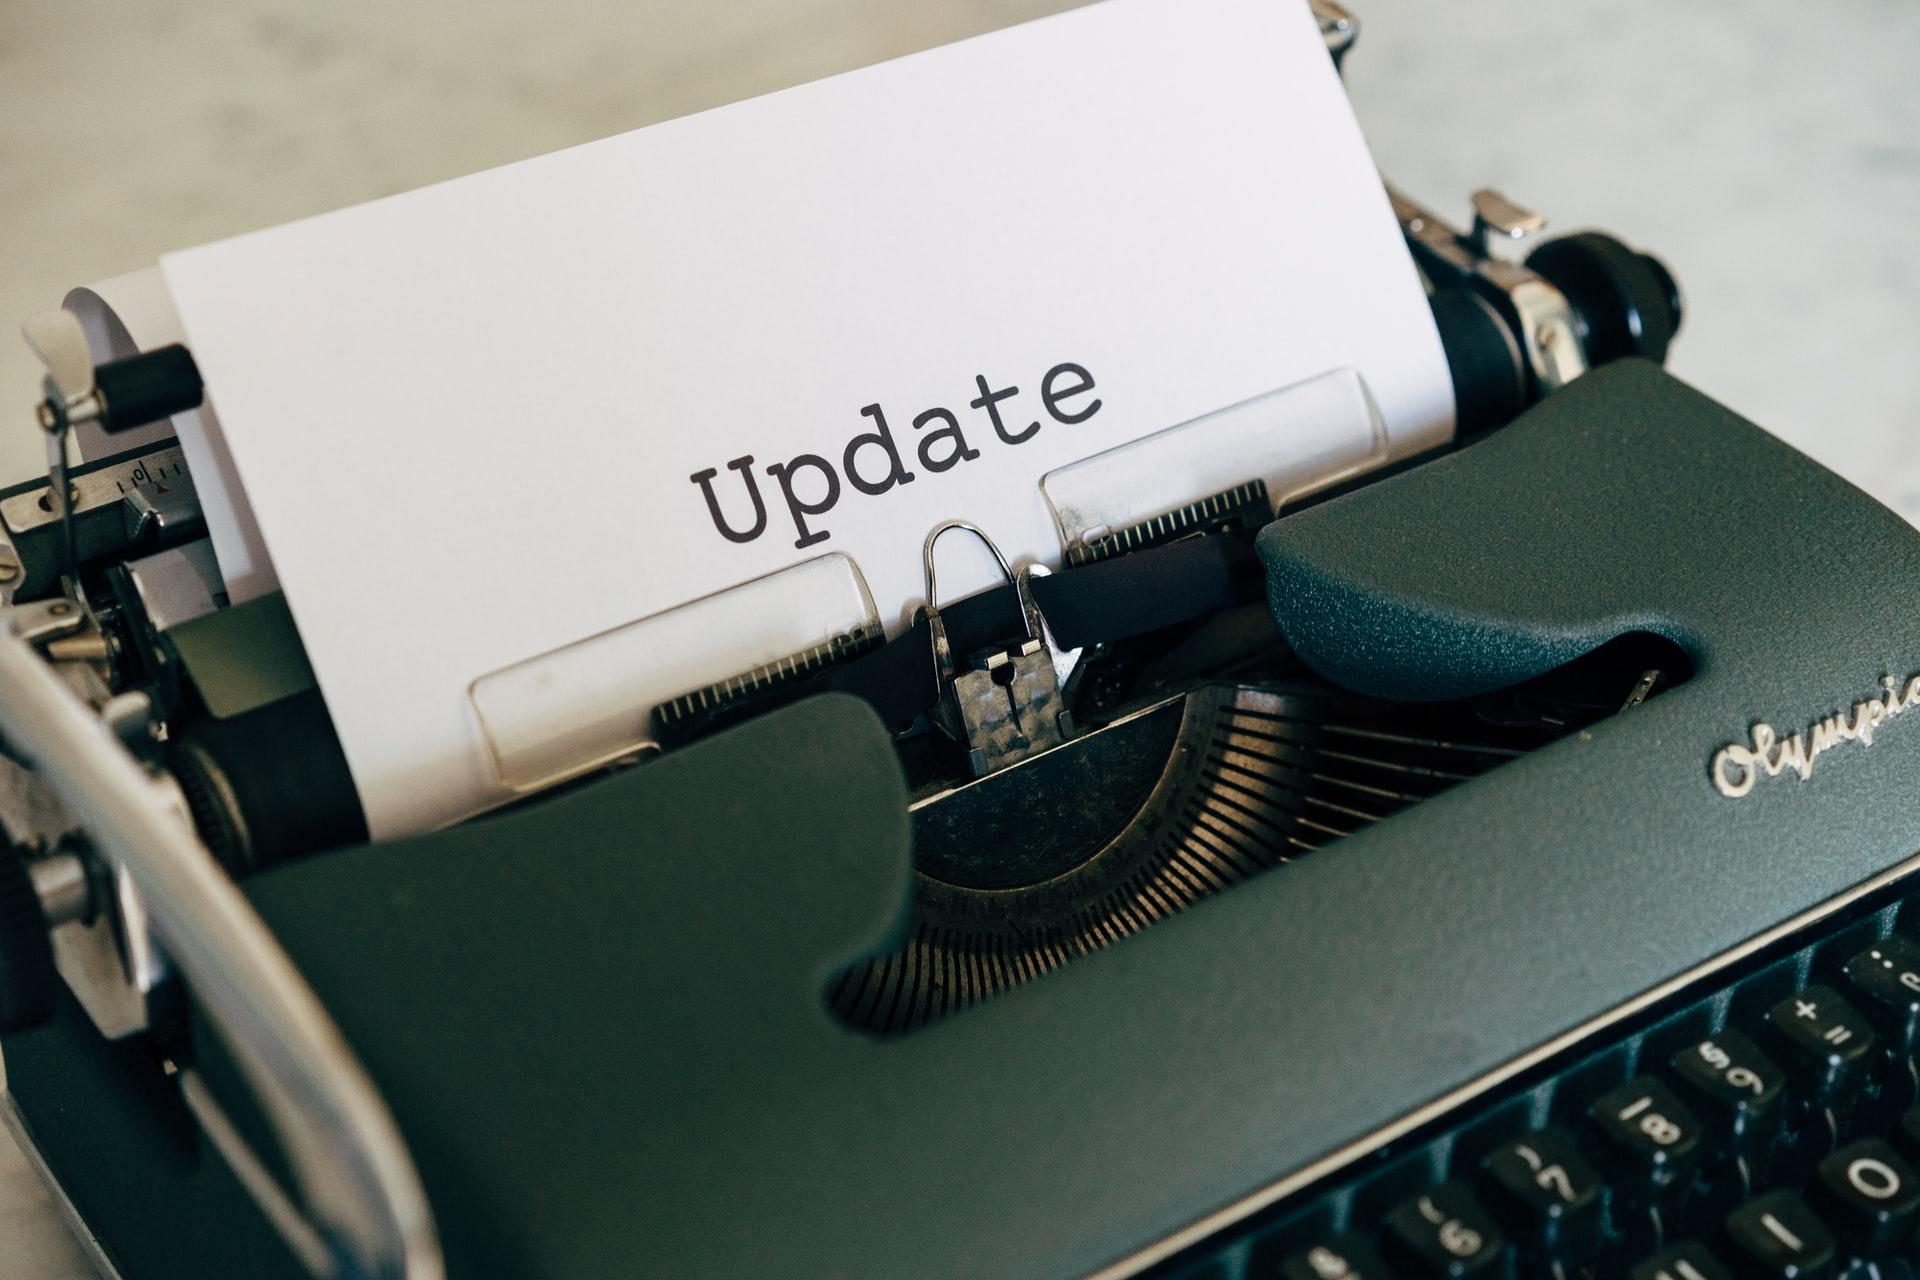 テーマやプラグイン、WordPress本体の自動更新の間隔を変更できるプラグイン「Update Intervals」